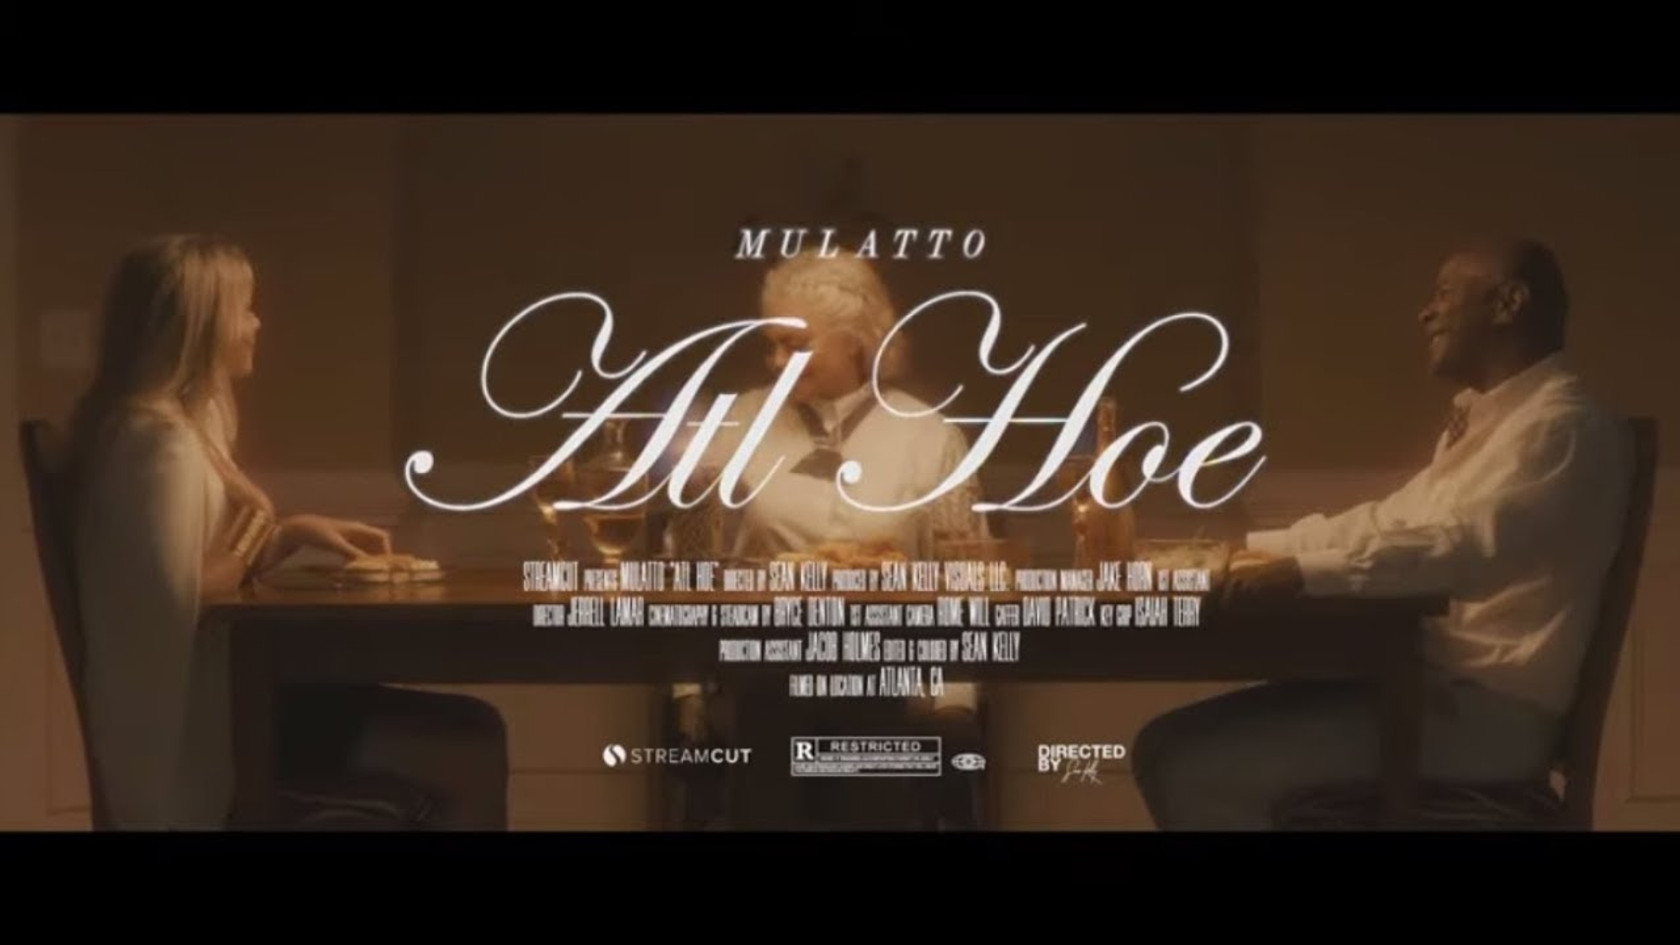 ATL Hoe